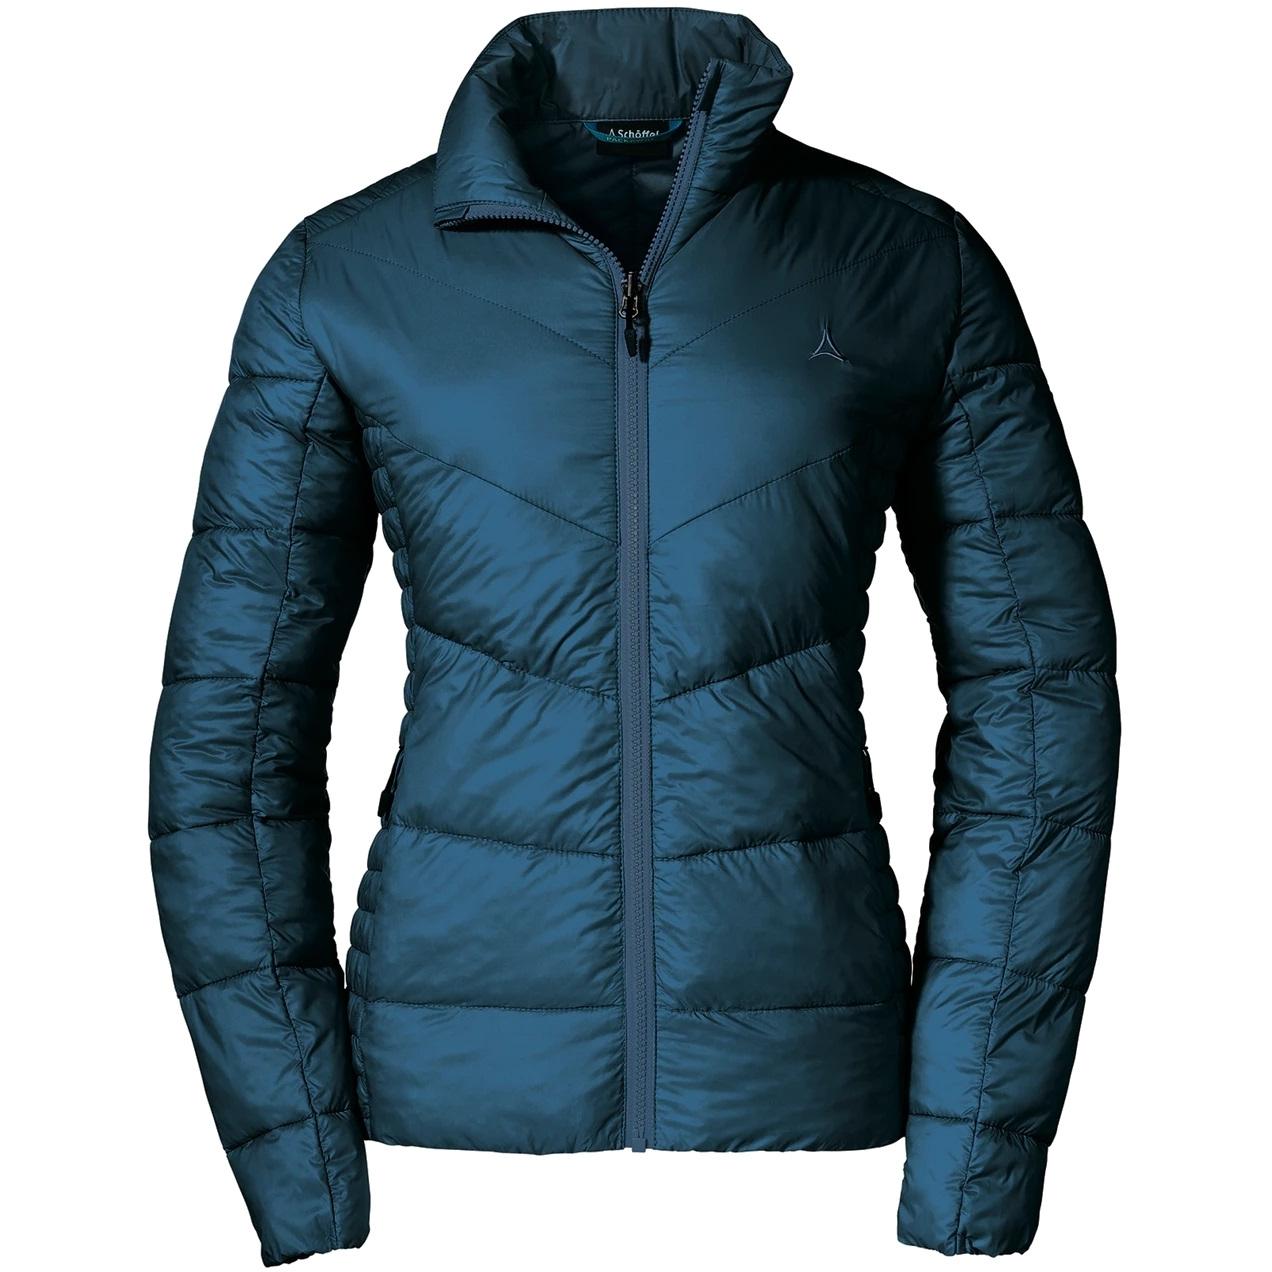 Schöffel Ventl Torcoi Jacket for Women - moonlit ocean 8859